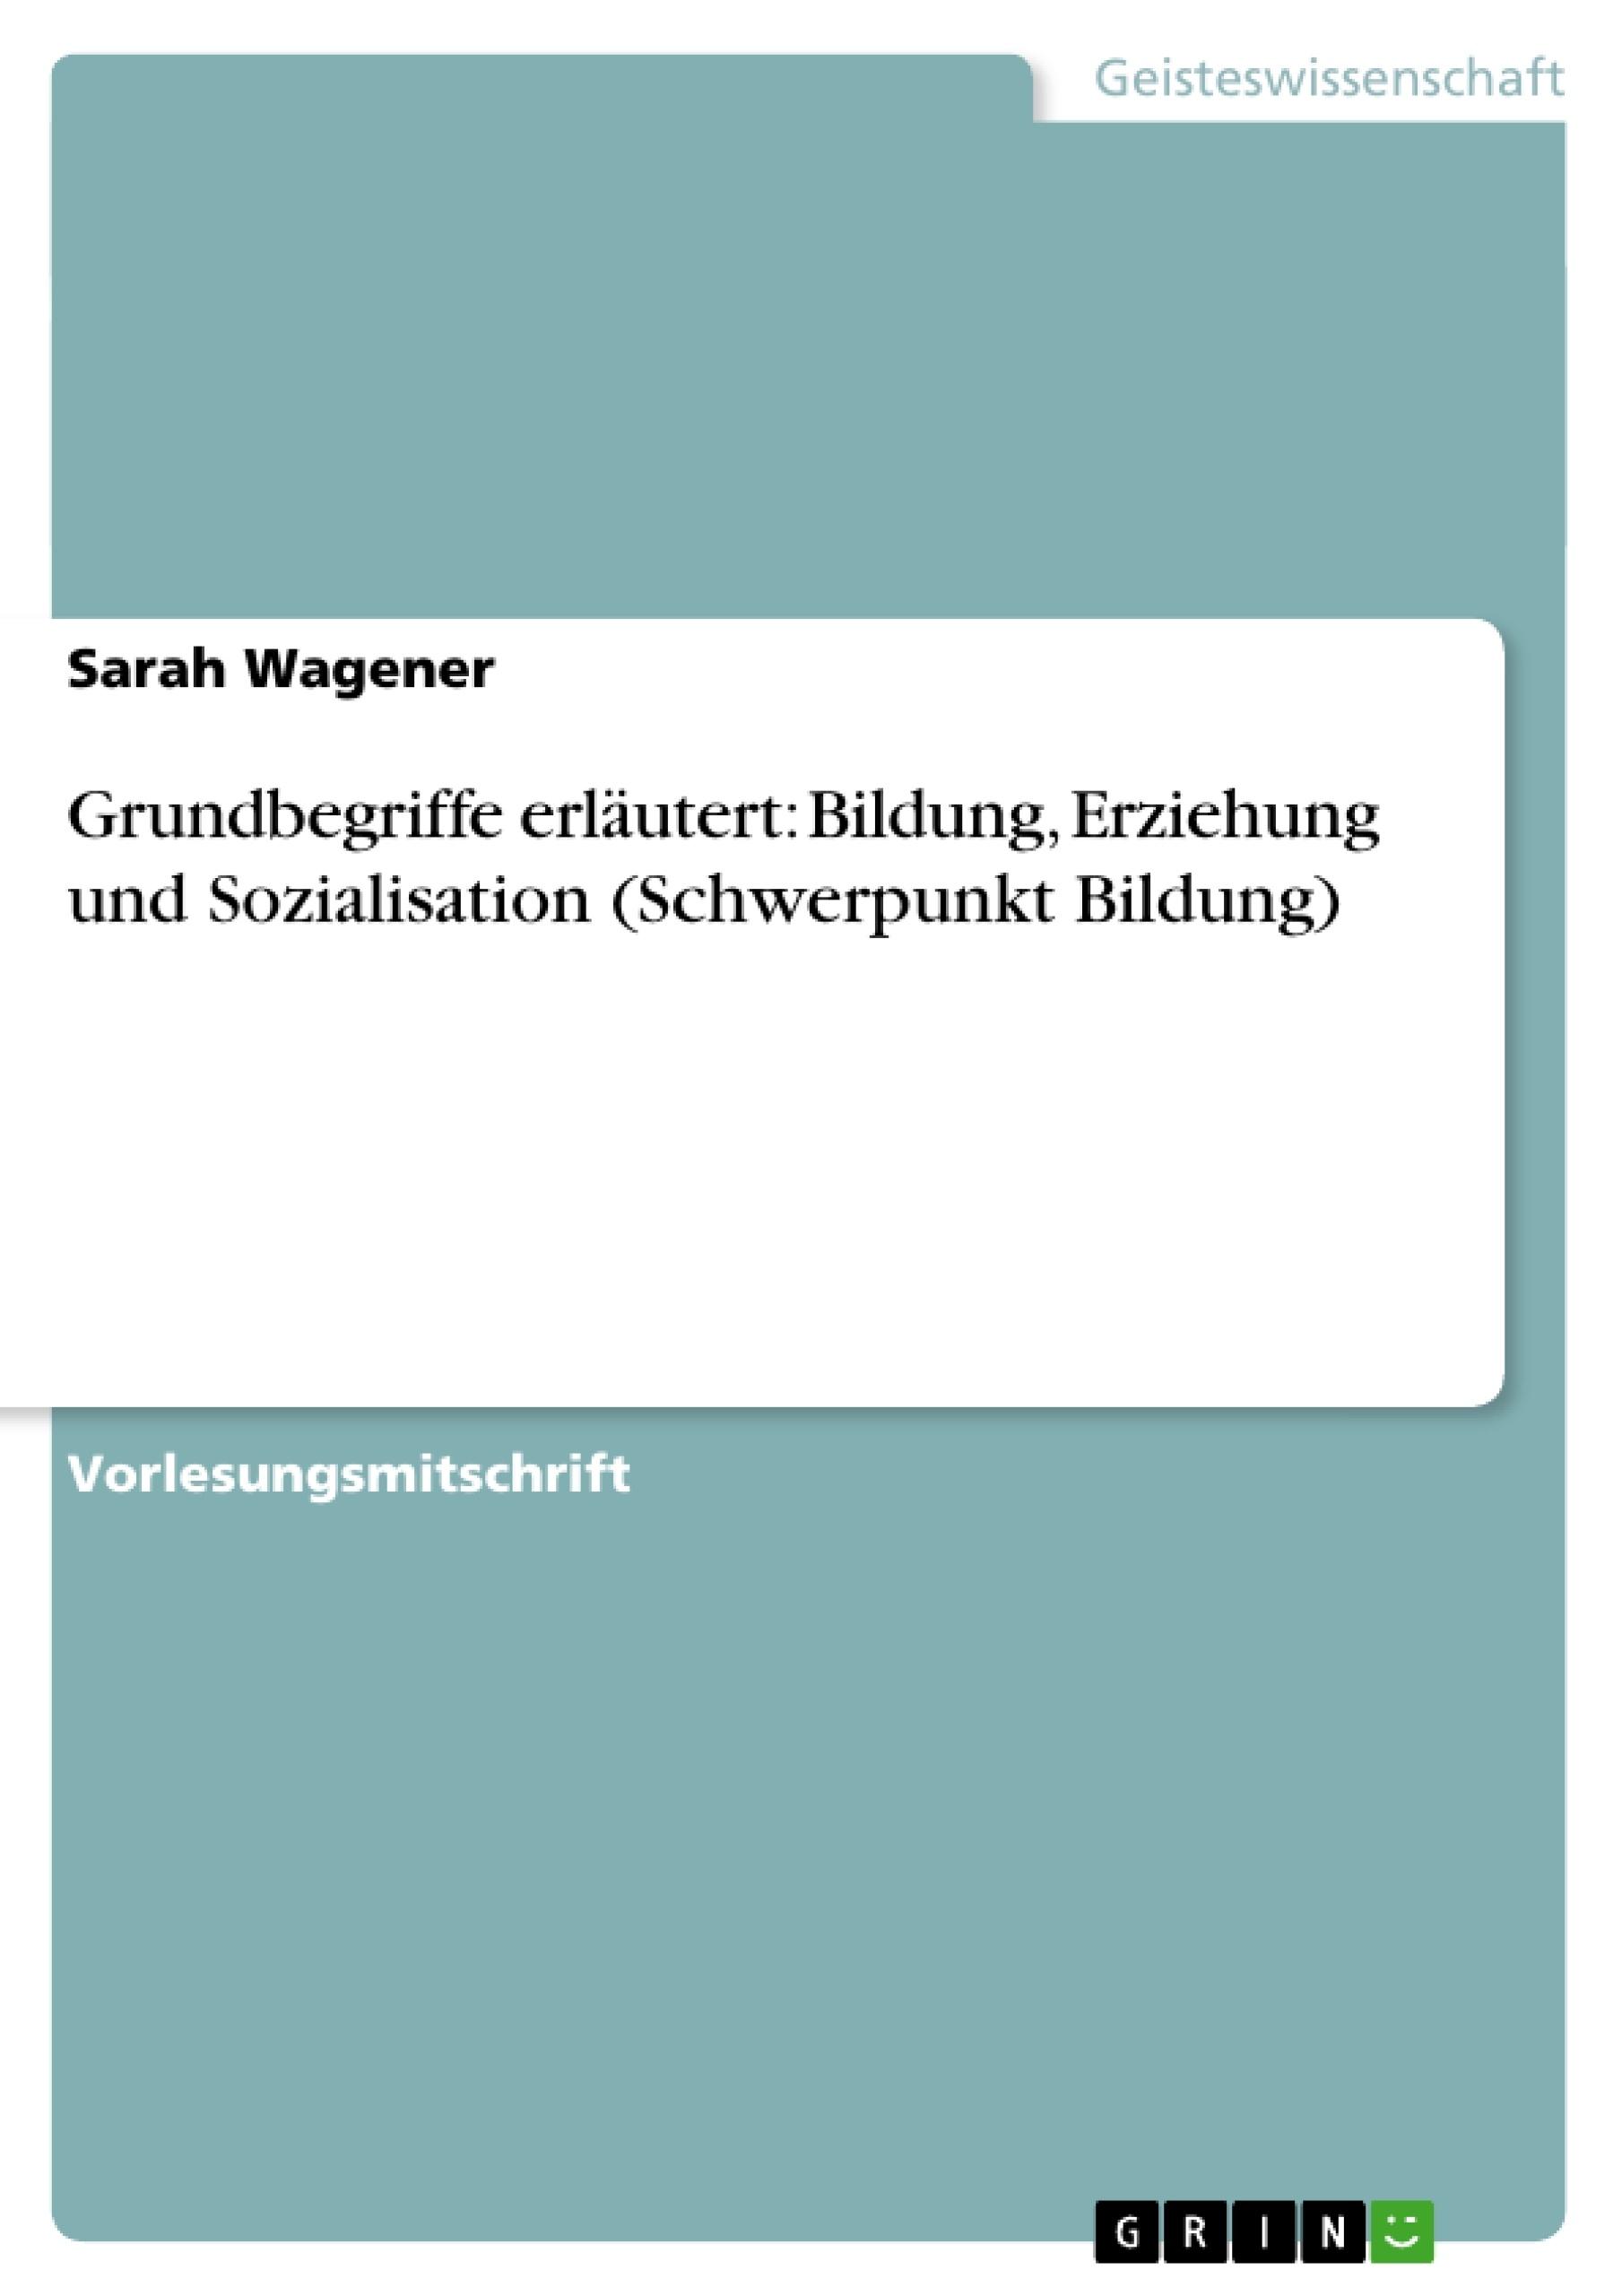 Titel: Grundbegriffe erläutert: Bildung, Erziehung und Sozialisation (Schwerpunkt Bildung)